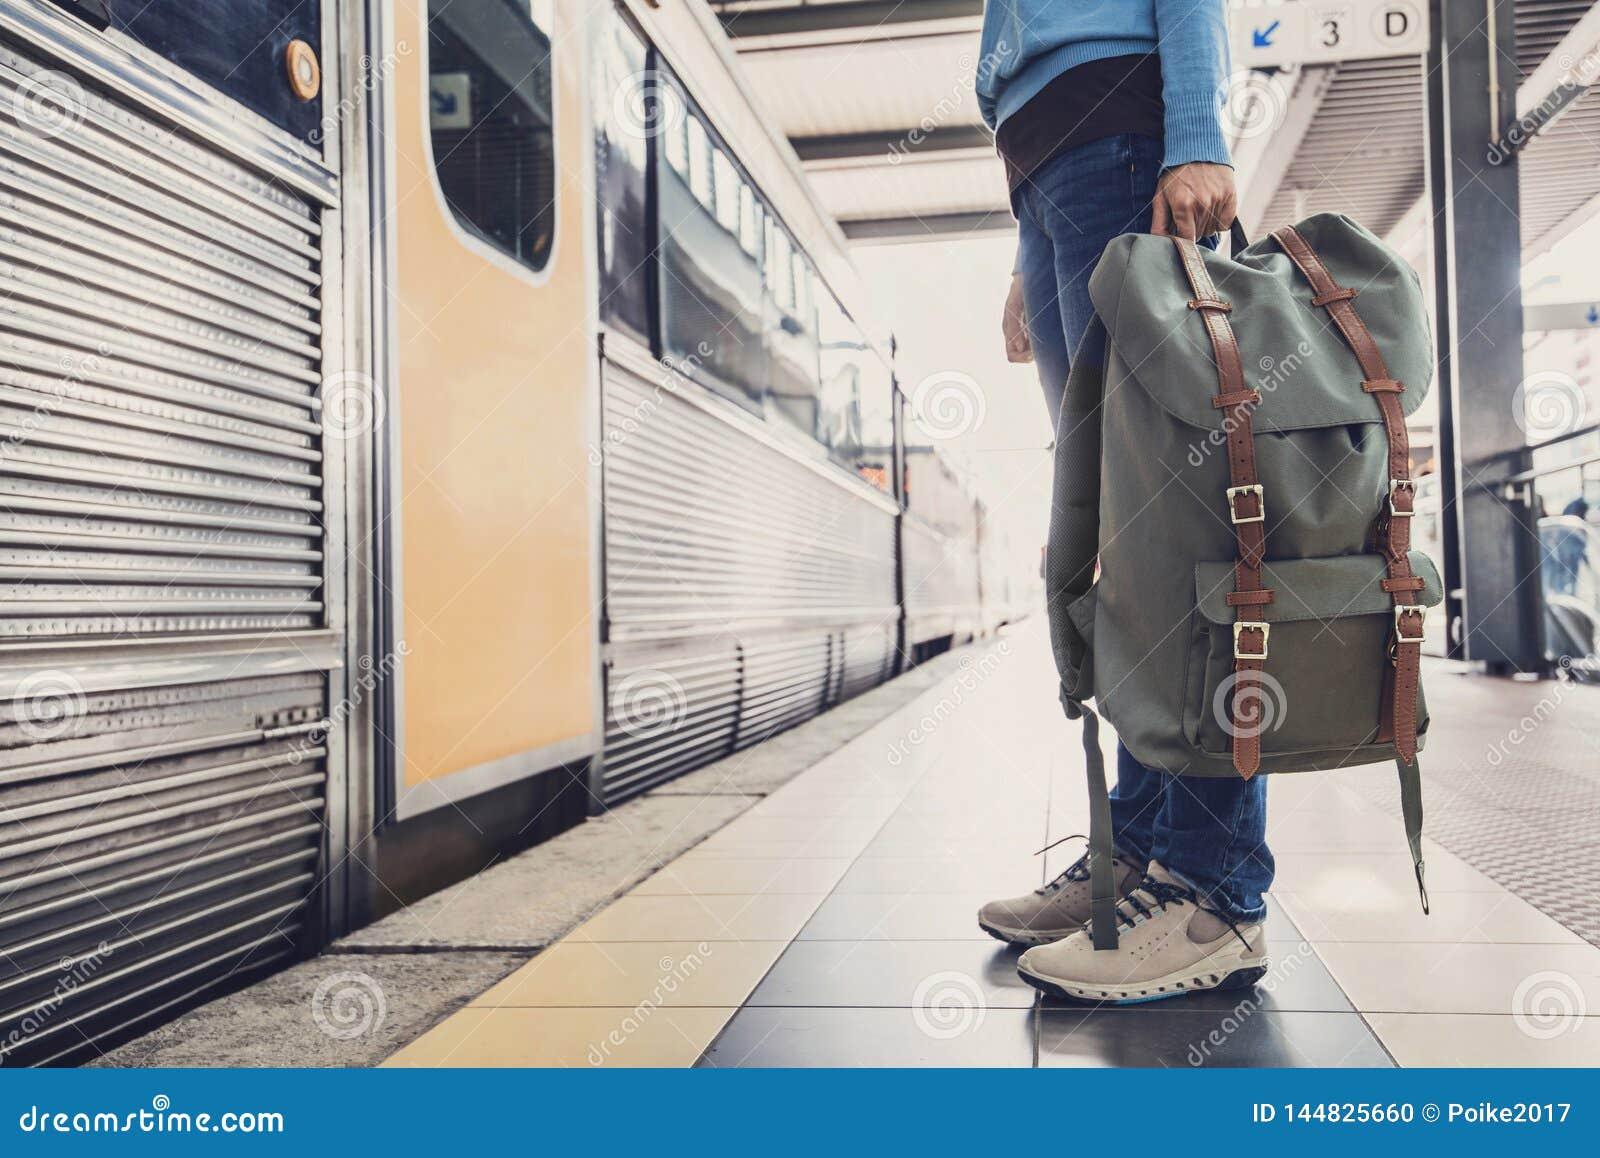 Νέος ταξιδιώτης γυναικών που περιμένει ένα τραίνο σε έναν σταθμό σιδη